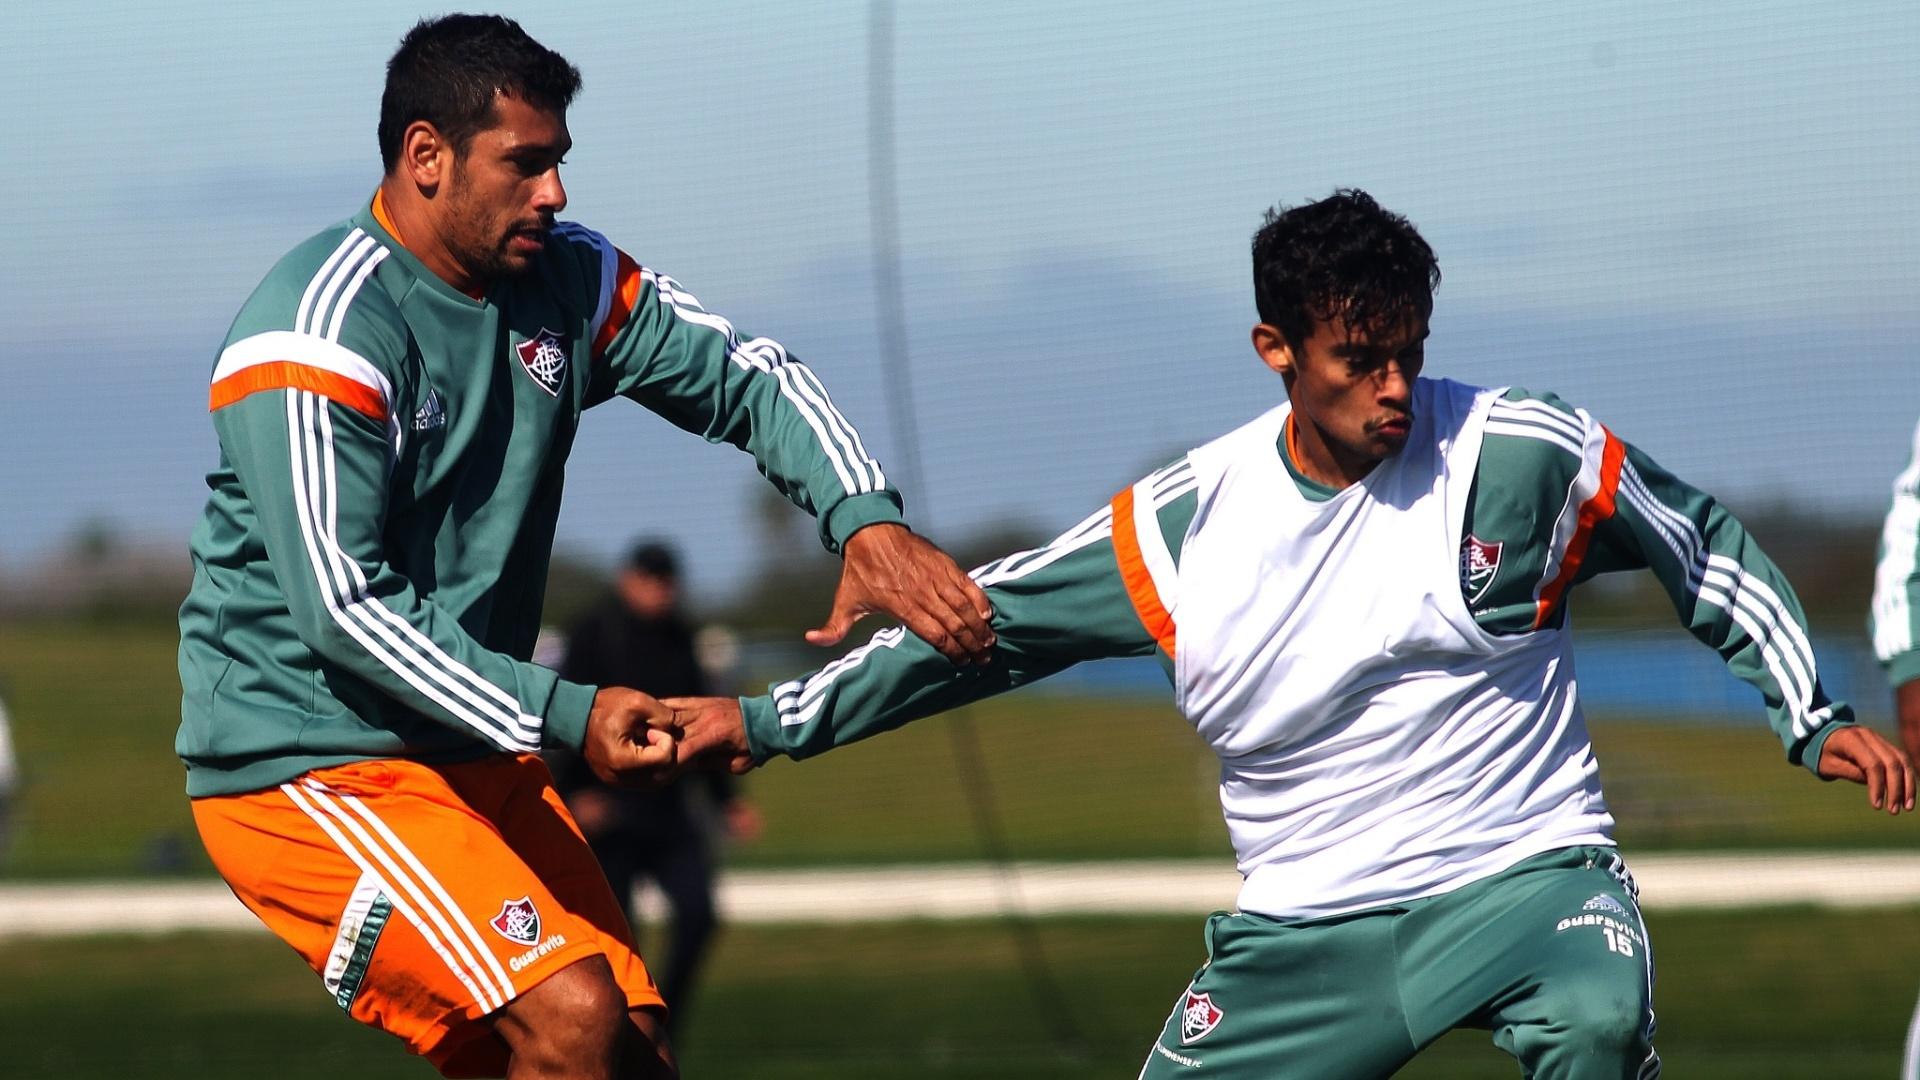 Diego Souza faz marcação apertada em Gustavo Scarpa em treino do Flu